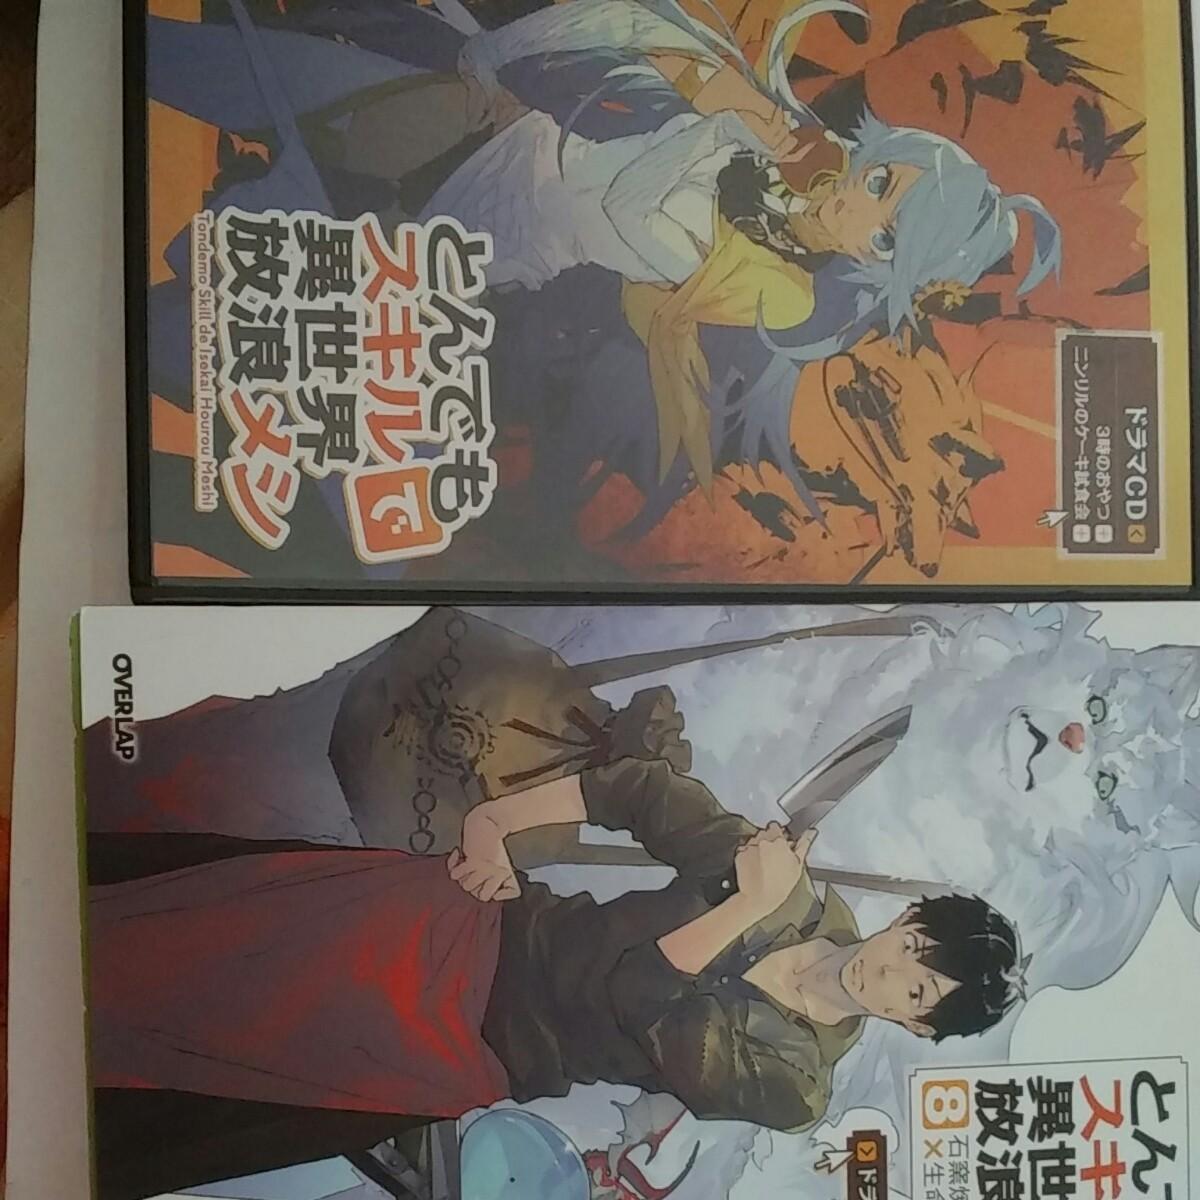 とんでもスキルで異世界放浪メシ 8巻 ドラマCD付き 特装版 江口 連 雅